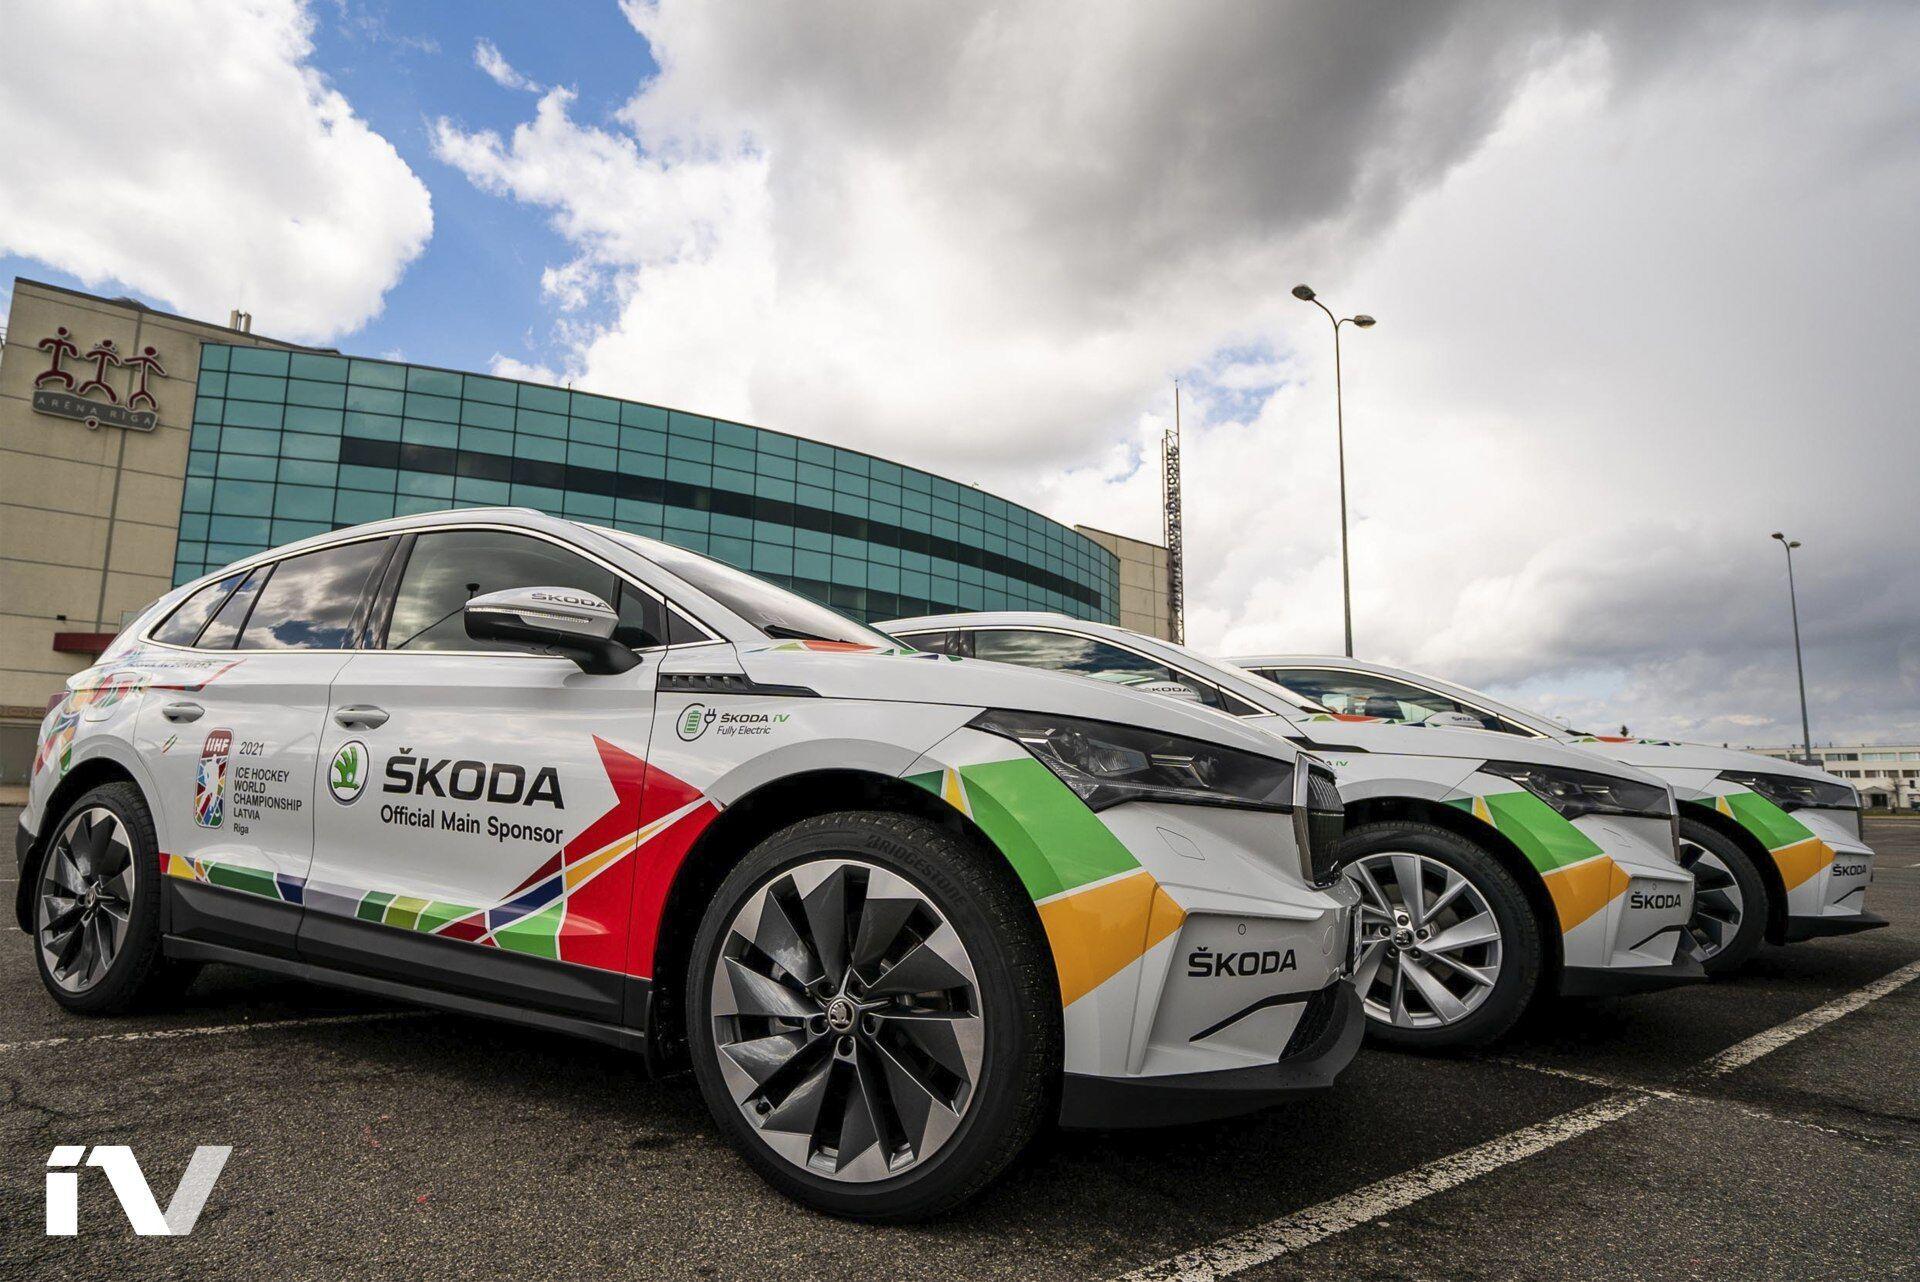 12 станций мощностью 11 кВт обеспечат бесперебойную зарядку официального автопарка турнира